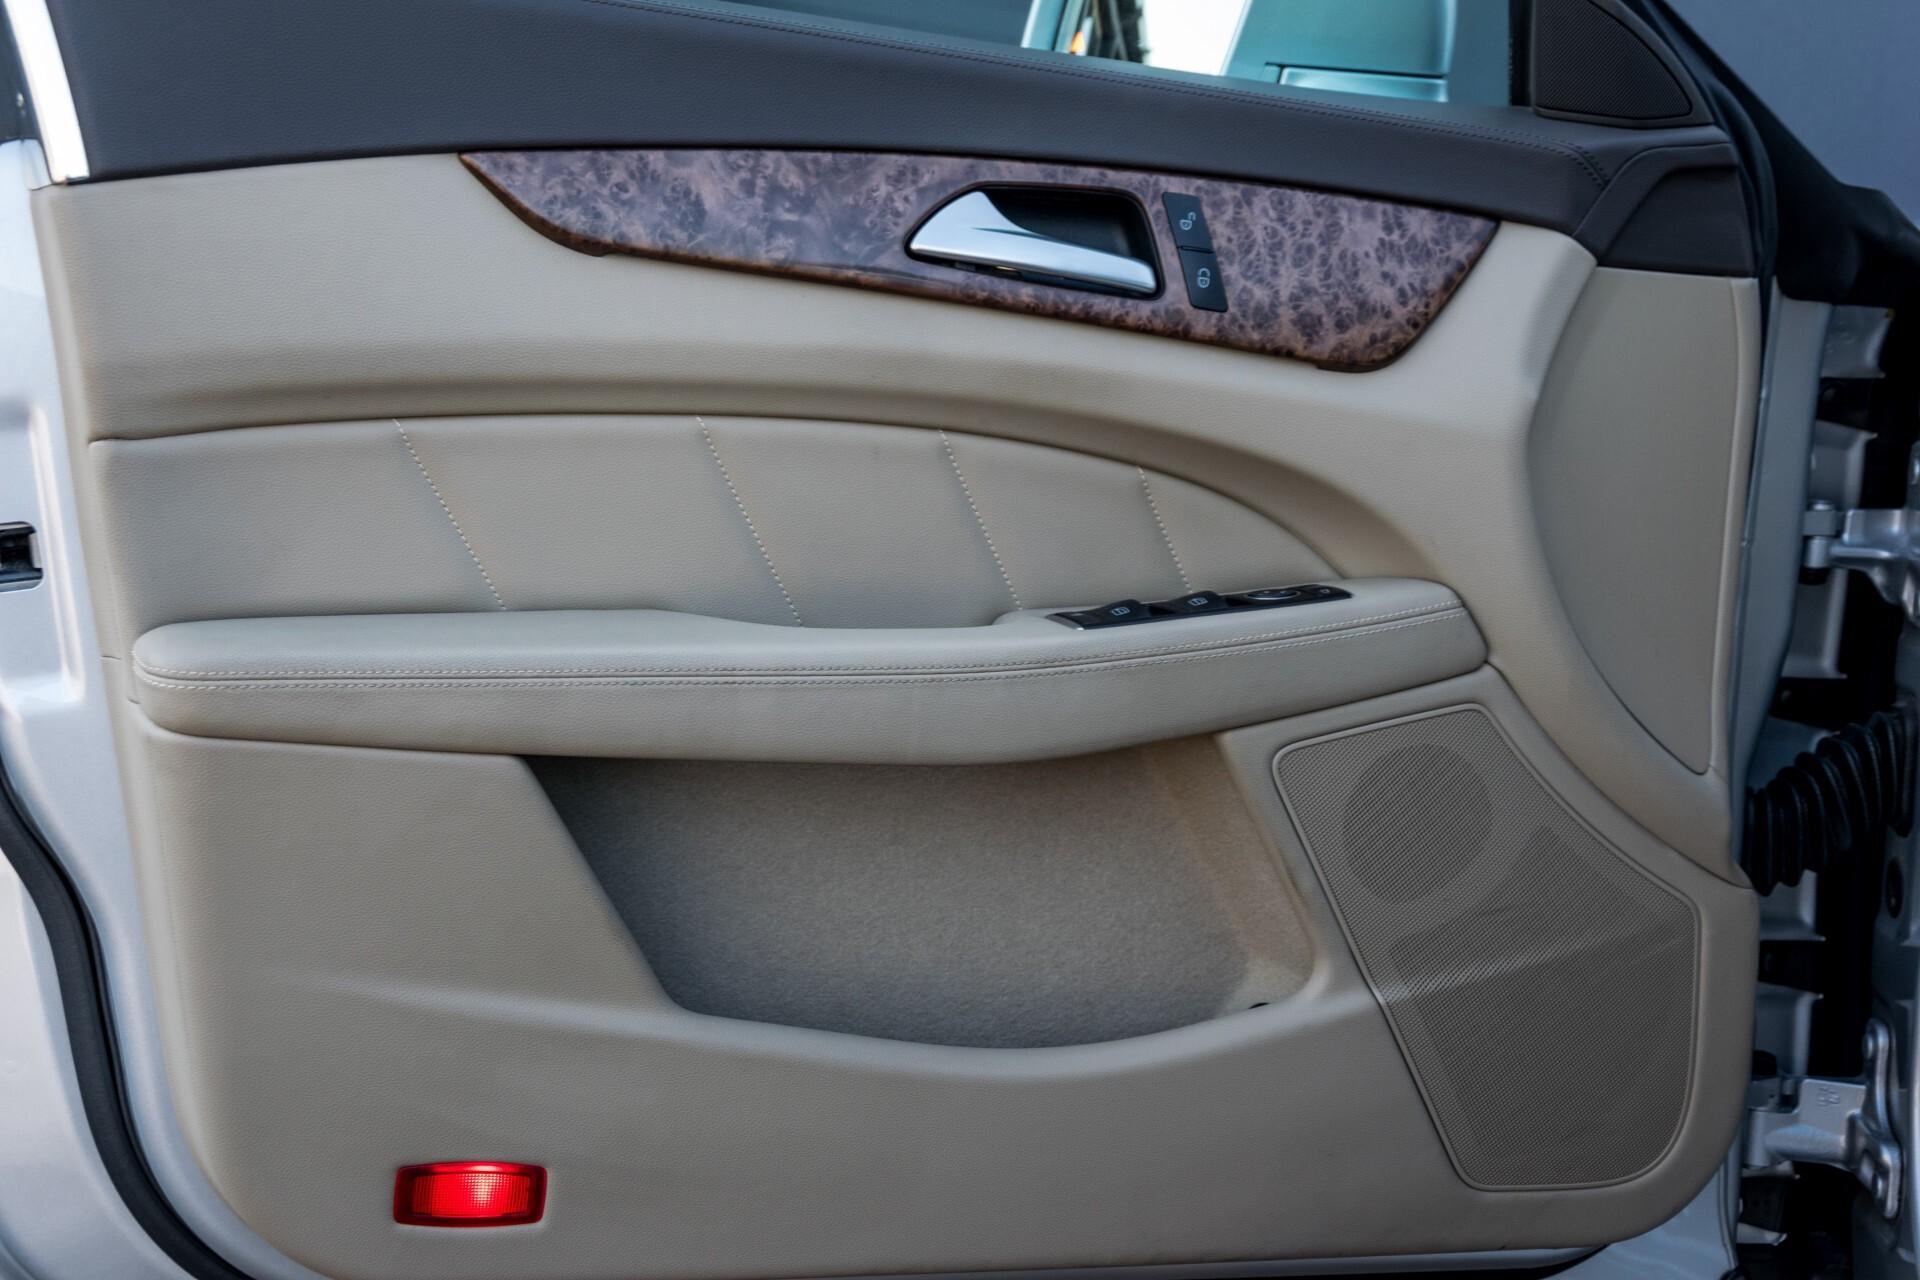 Mercedes-Benz CLS-Klasse 350 Cdi Luchtvering/Distronic/Nachtzicht/AMG/Comand/ILS Aut7 Foto 17